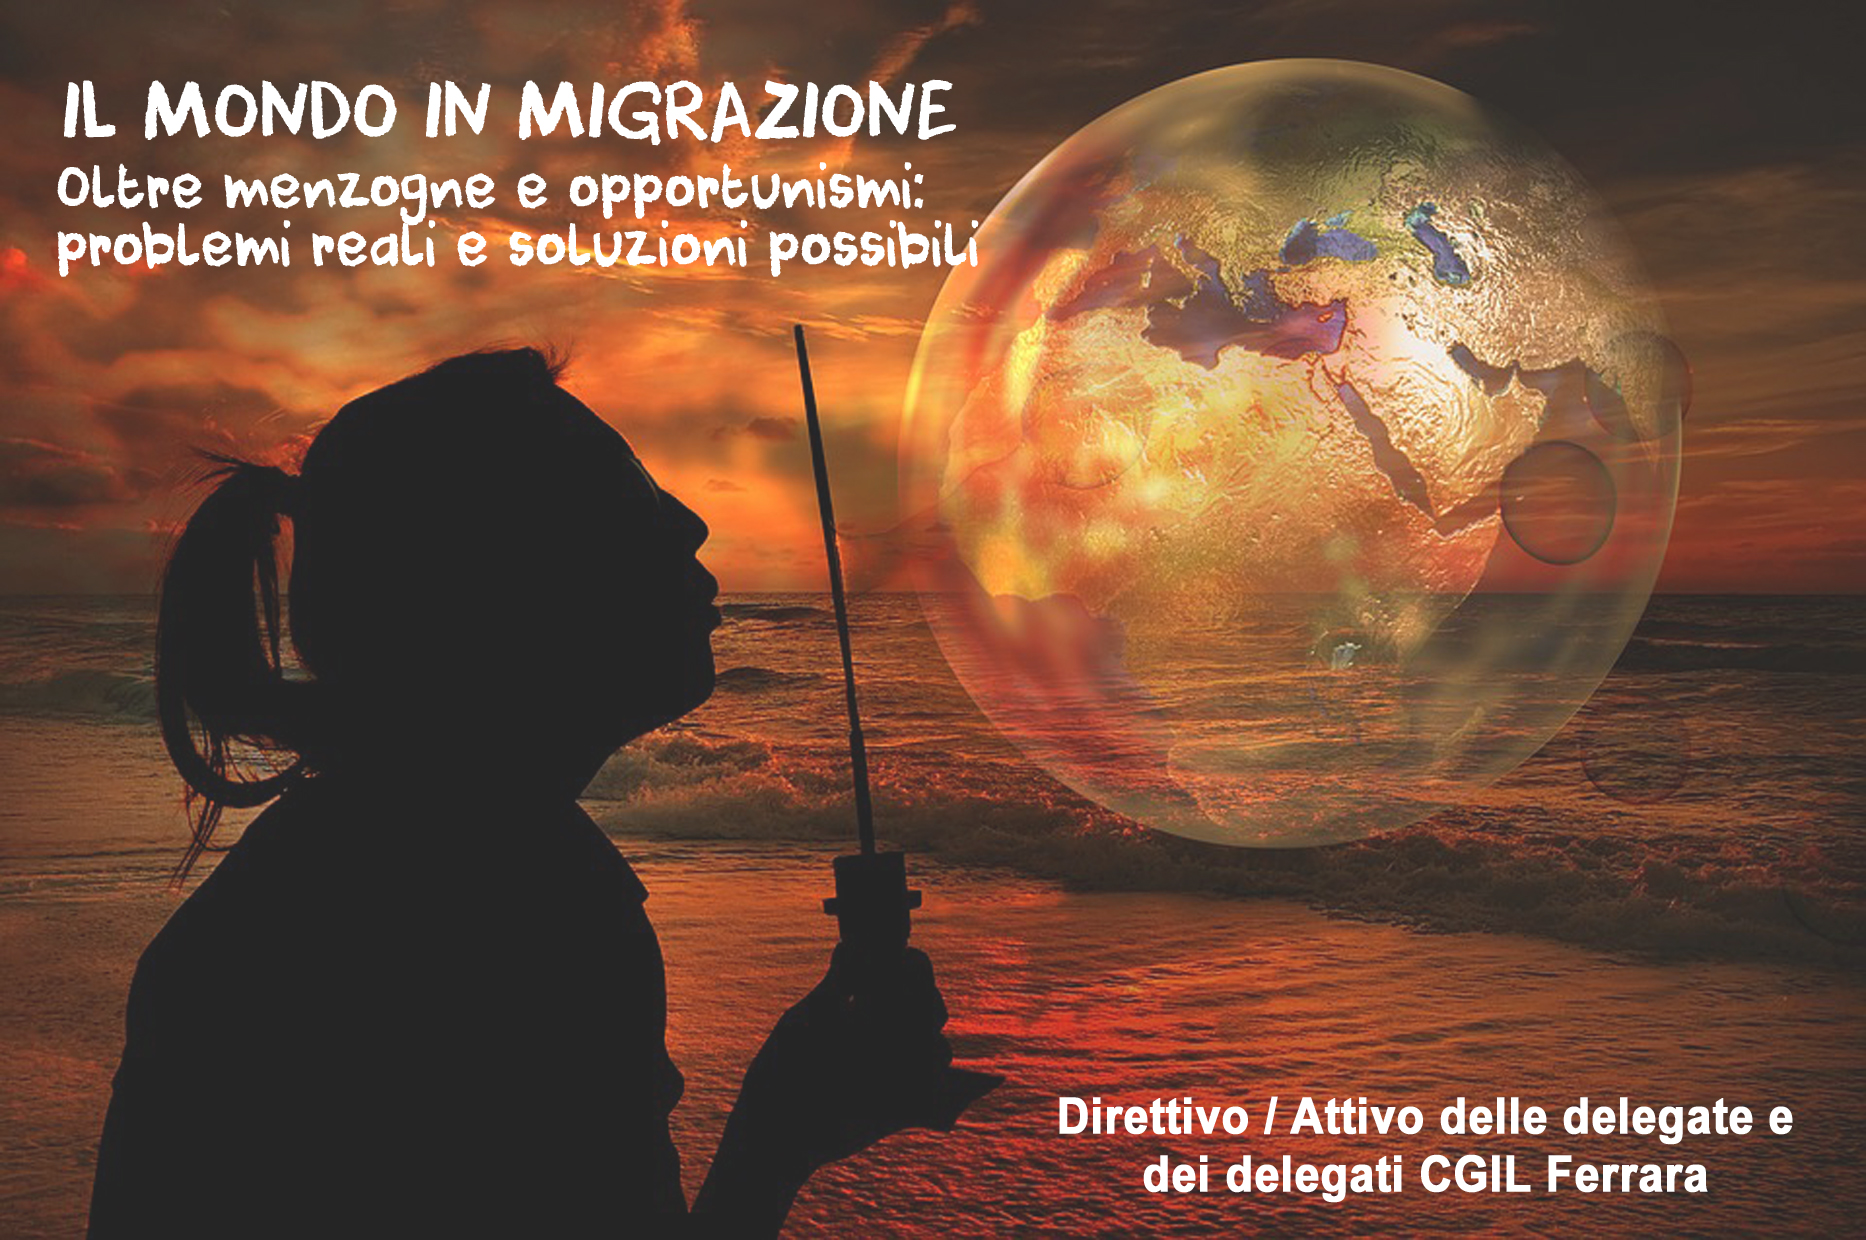 IL MONDO IN MIGRAZIONE: direttivo / attivo delle delegate e dei delegati Cgil Ferrara